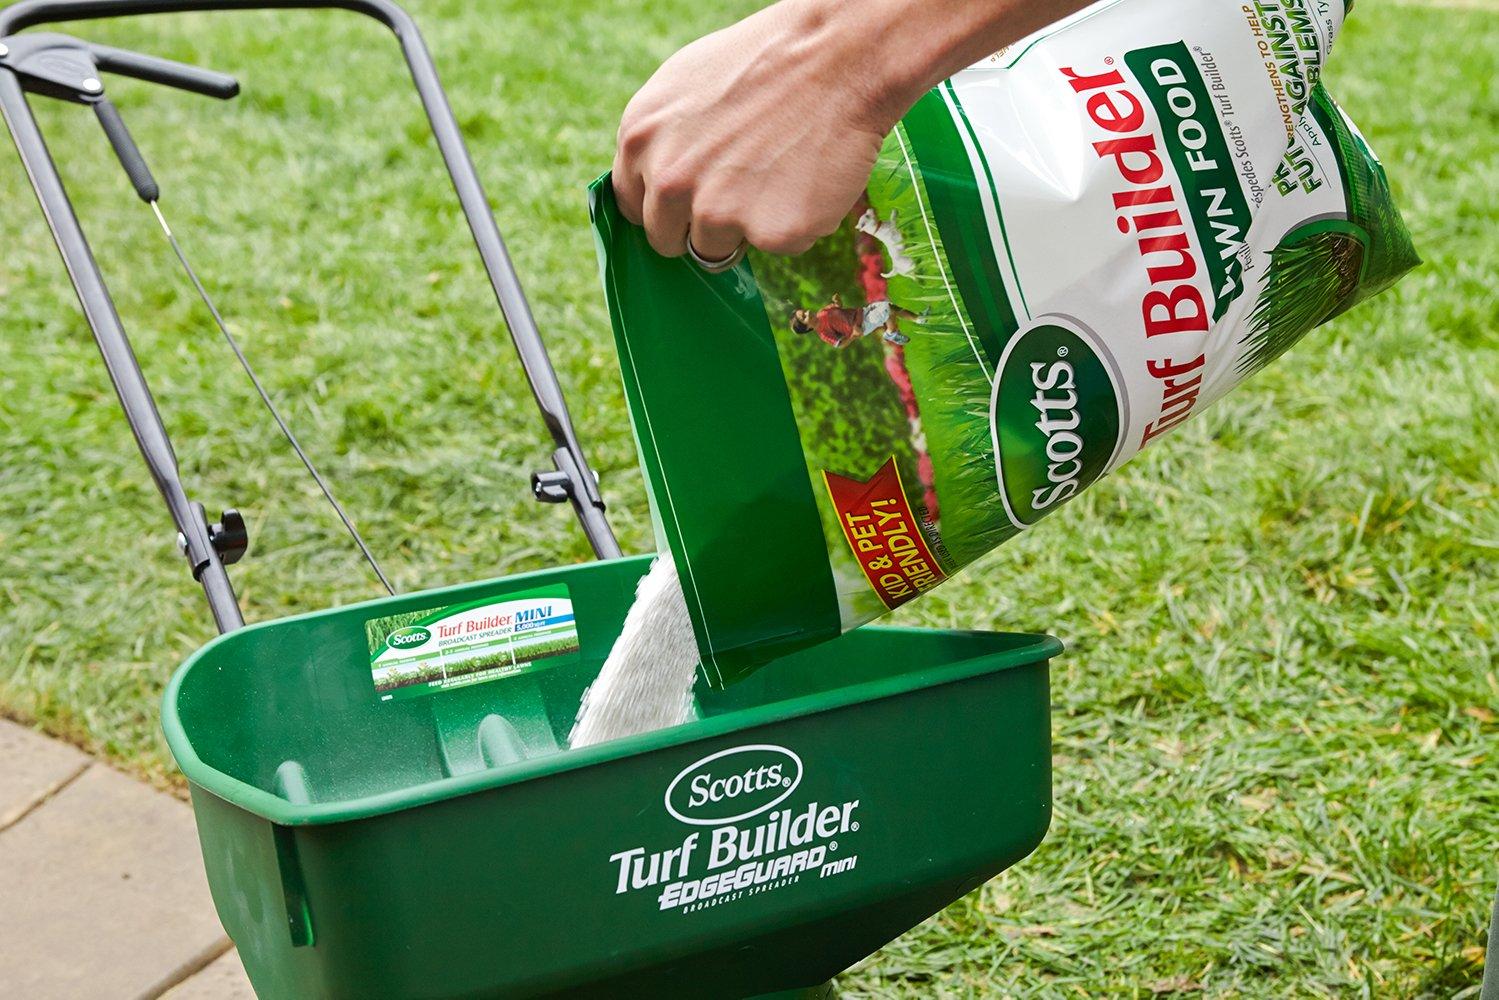 Amazon.com : Scotts Turf Builder Lawn Food, 15, 000-sq ft (Lawn ...